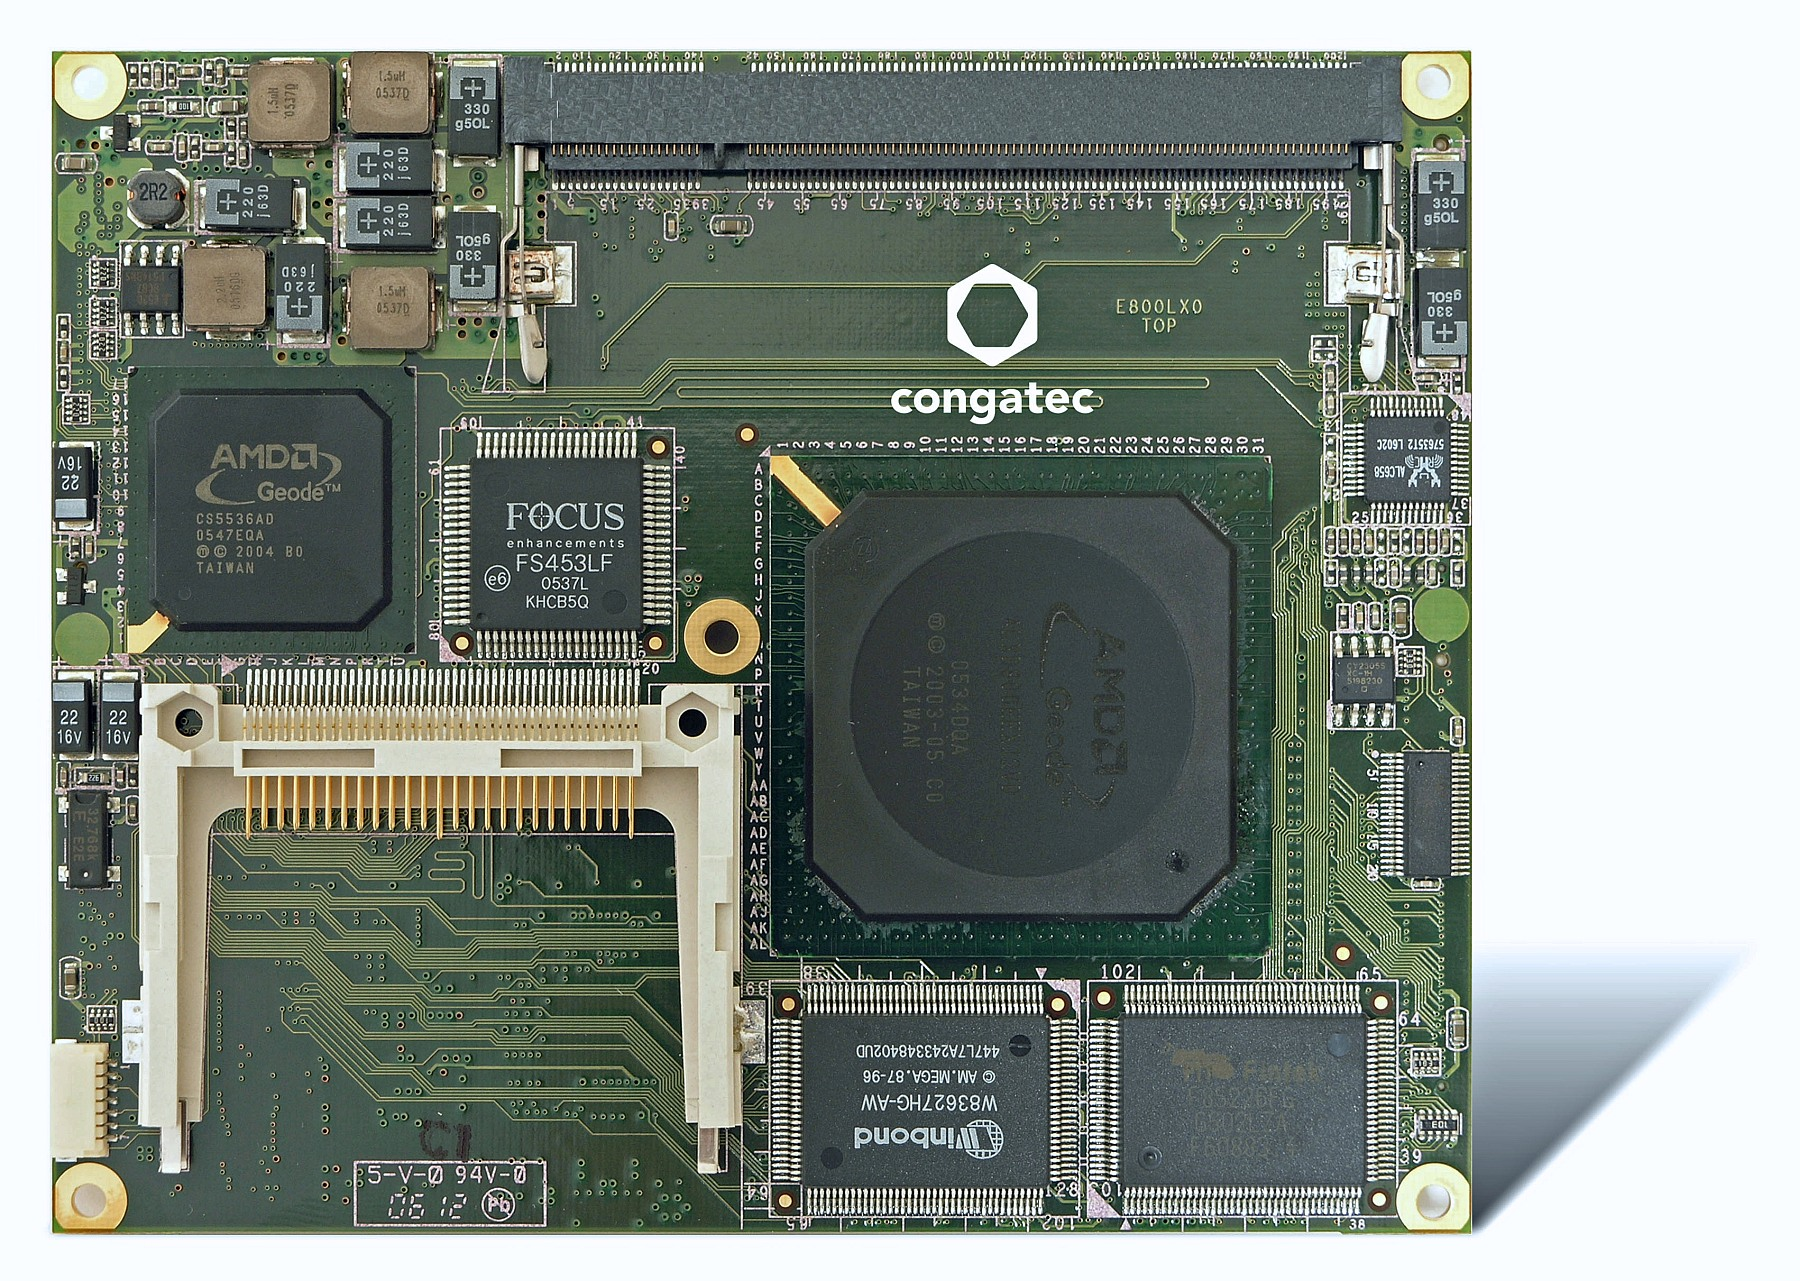 Die im Jahr 2005 und 2007 gelaunchten conga-ELX, conga-ELXeco und conga-XLX Module mit 500 MHz AMD Geode™ LX 800 Prozessoren werden nun bis mindestens Ende 2019 unterstützt.